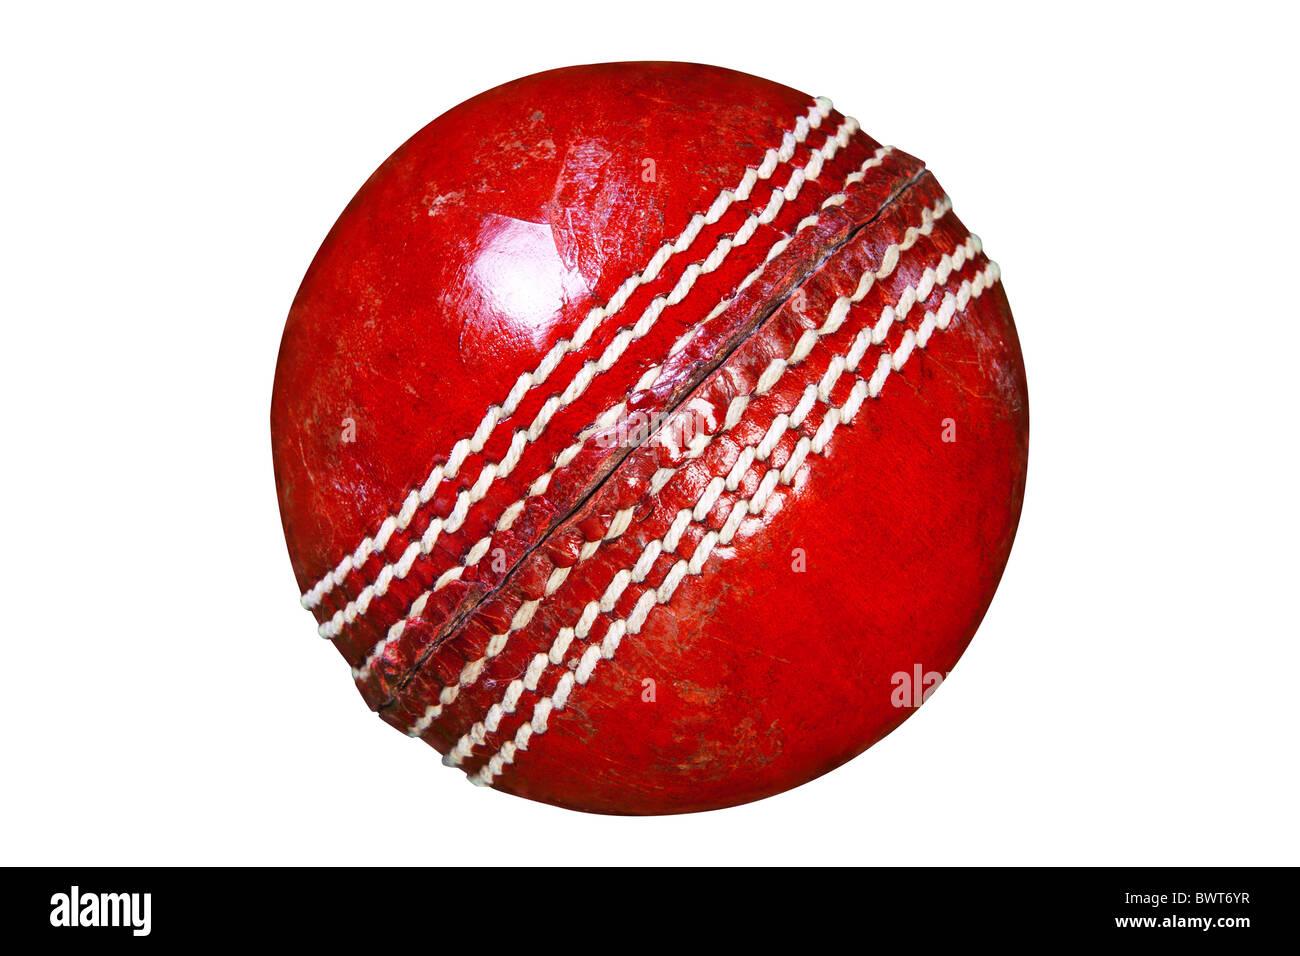 Photo d'une balle de cricket en cuir rouge isolé sur fond blanc avec clipping path fait à l'aide d'outil Plume. Banque D'Images